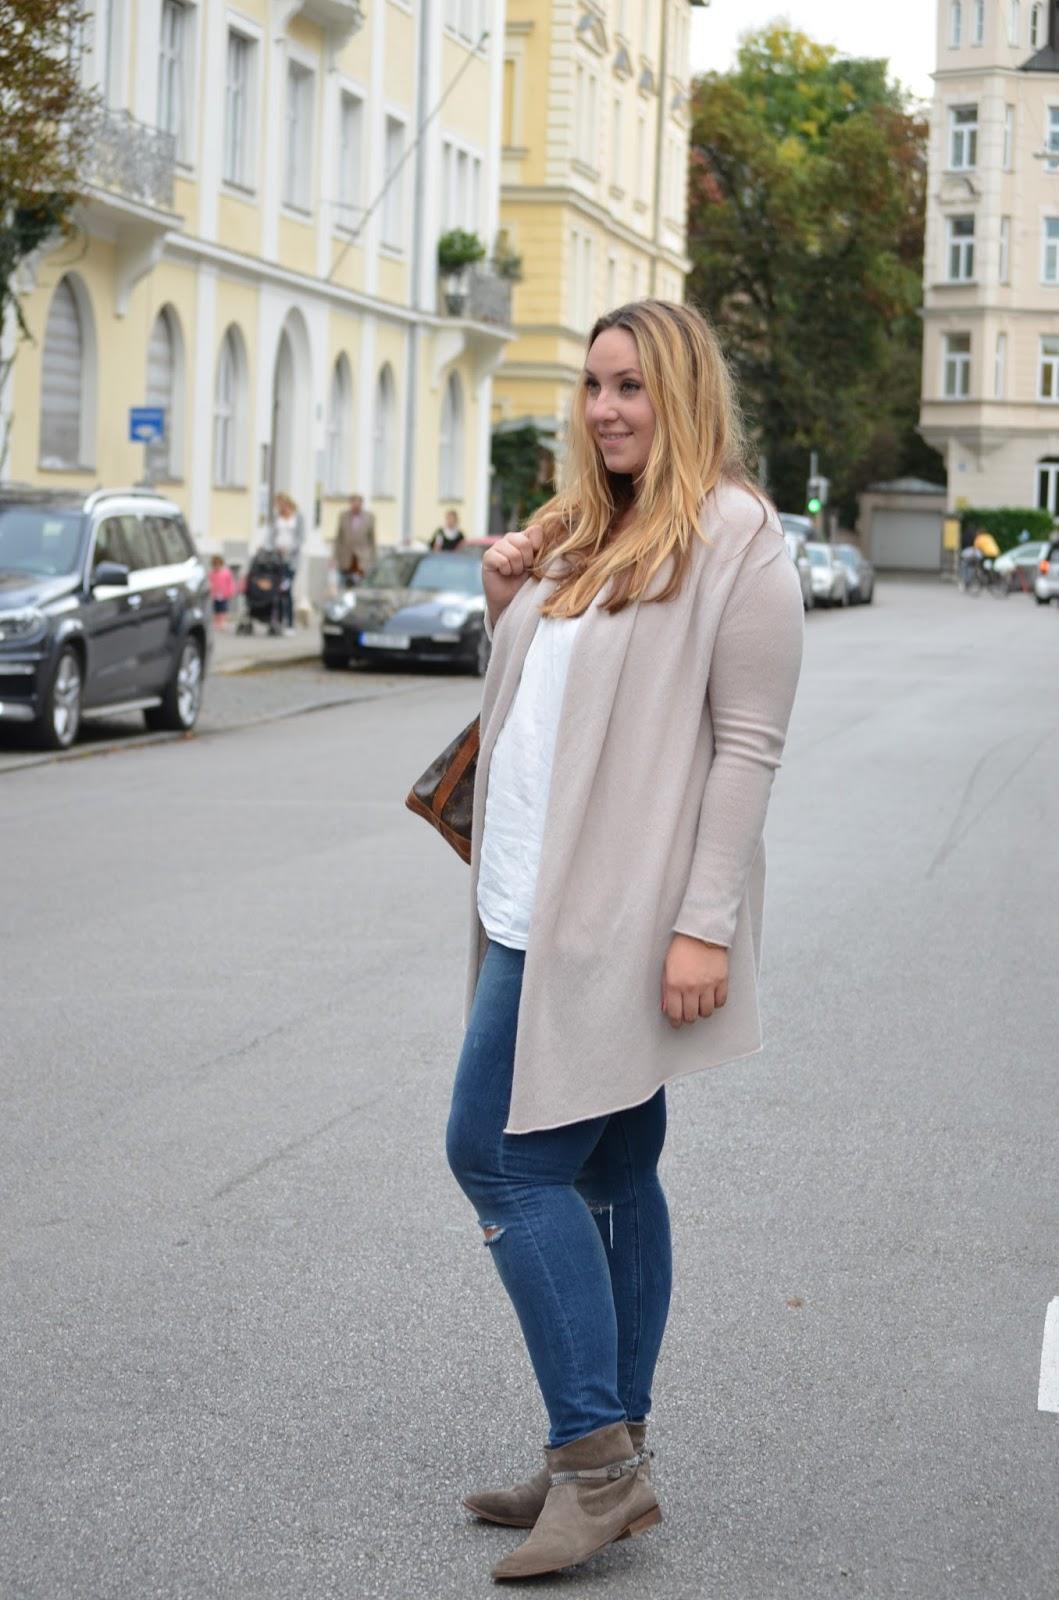 Übergröße Muc, Fashion München, plussize